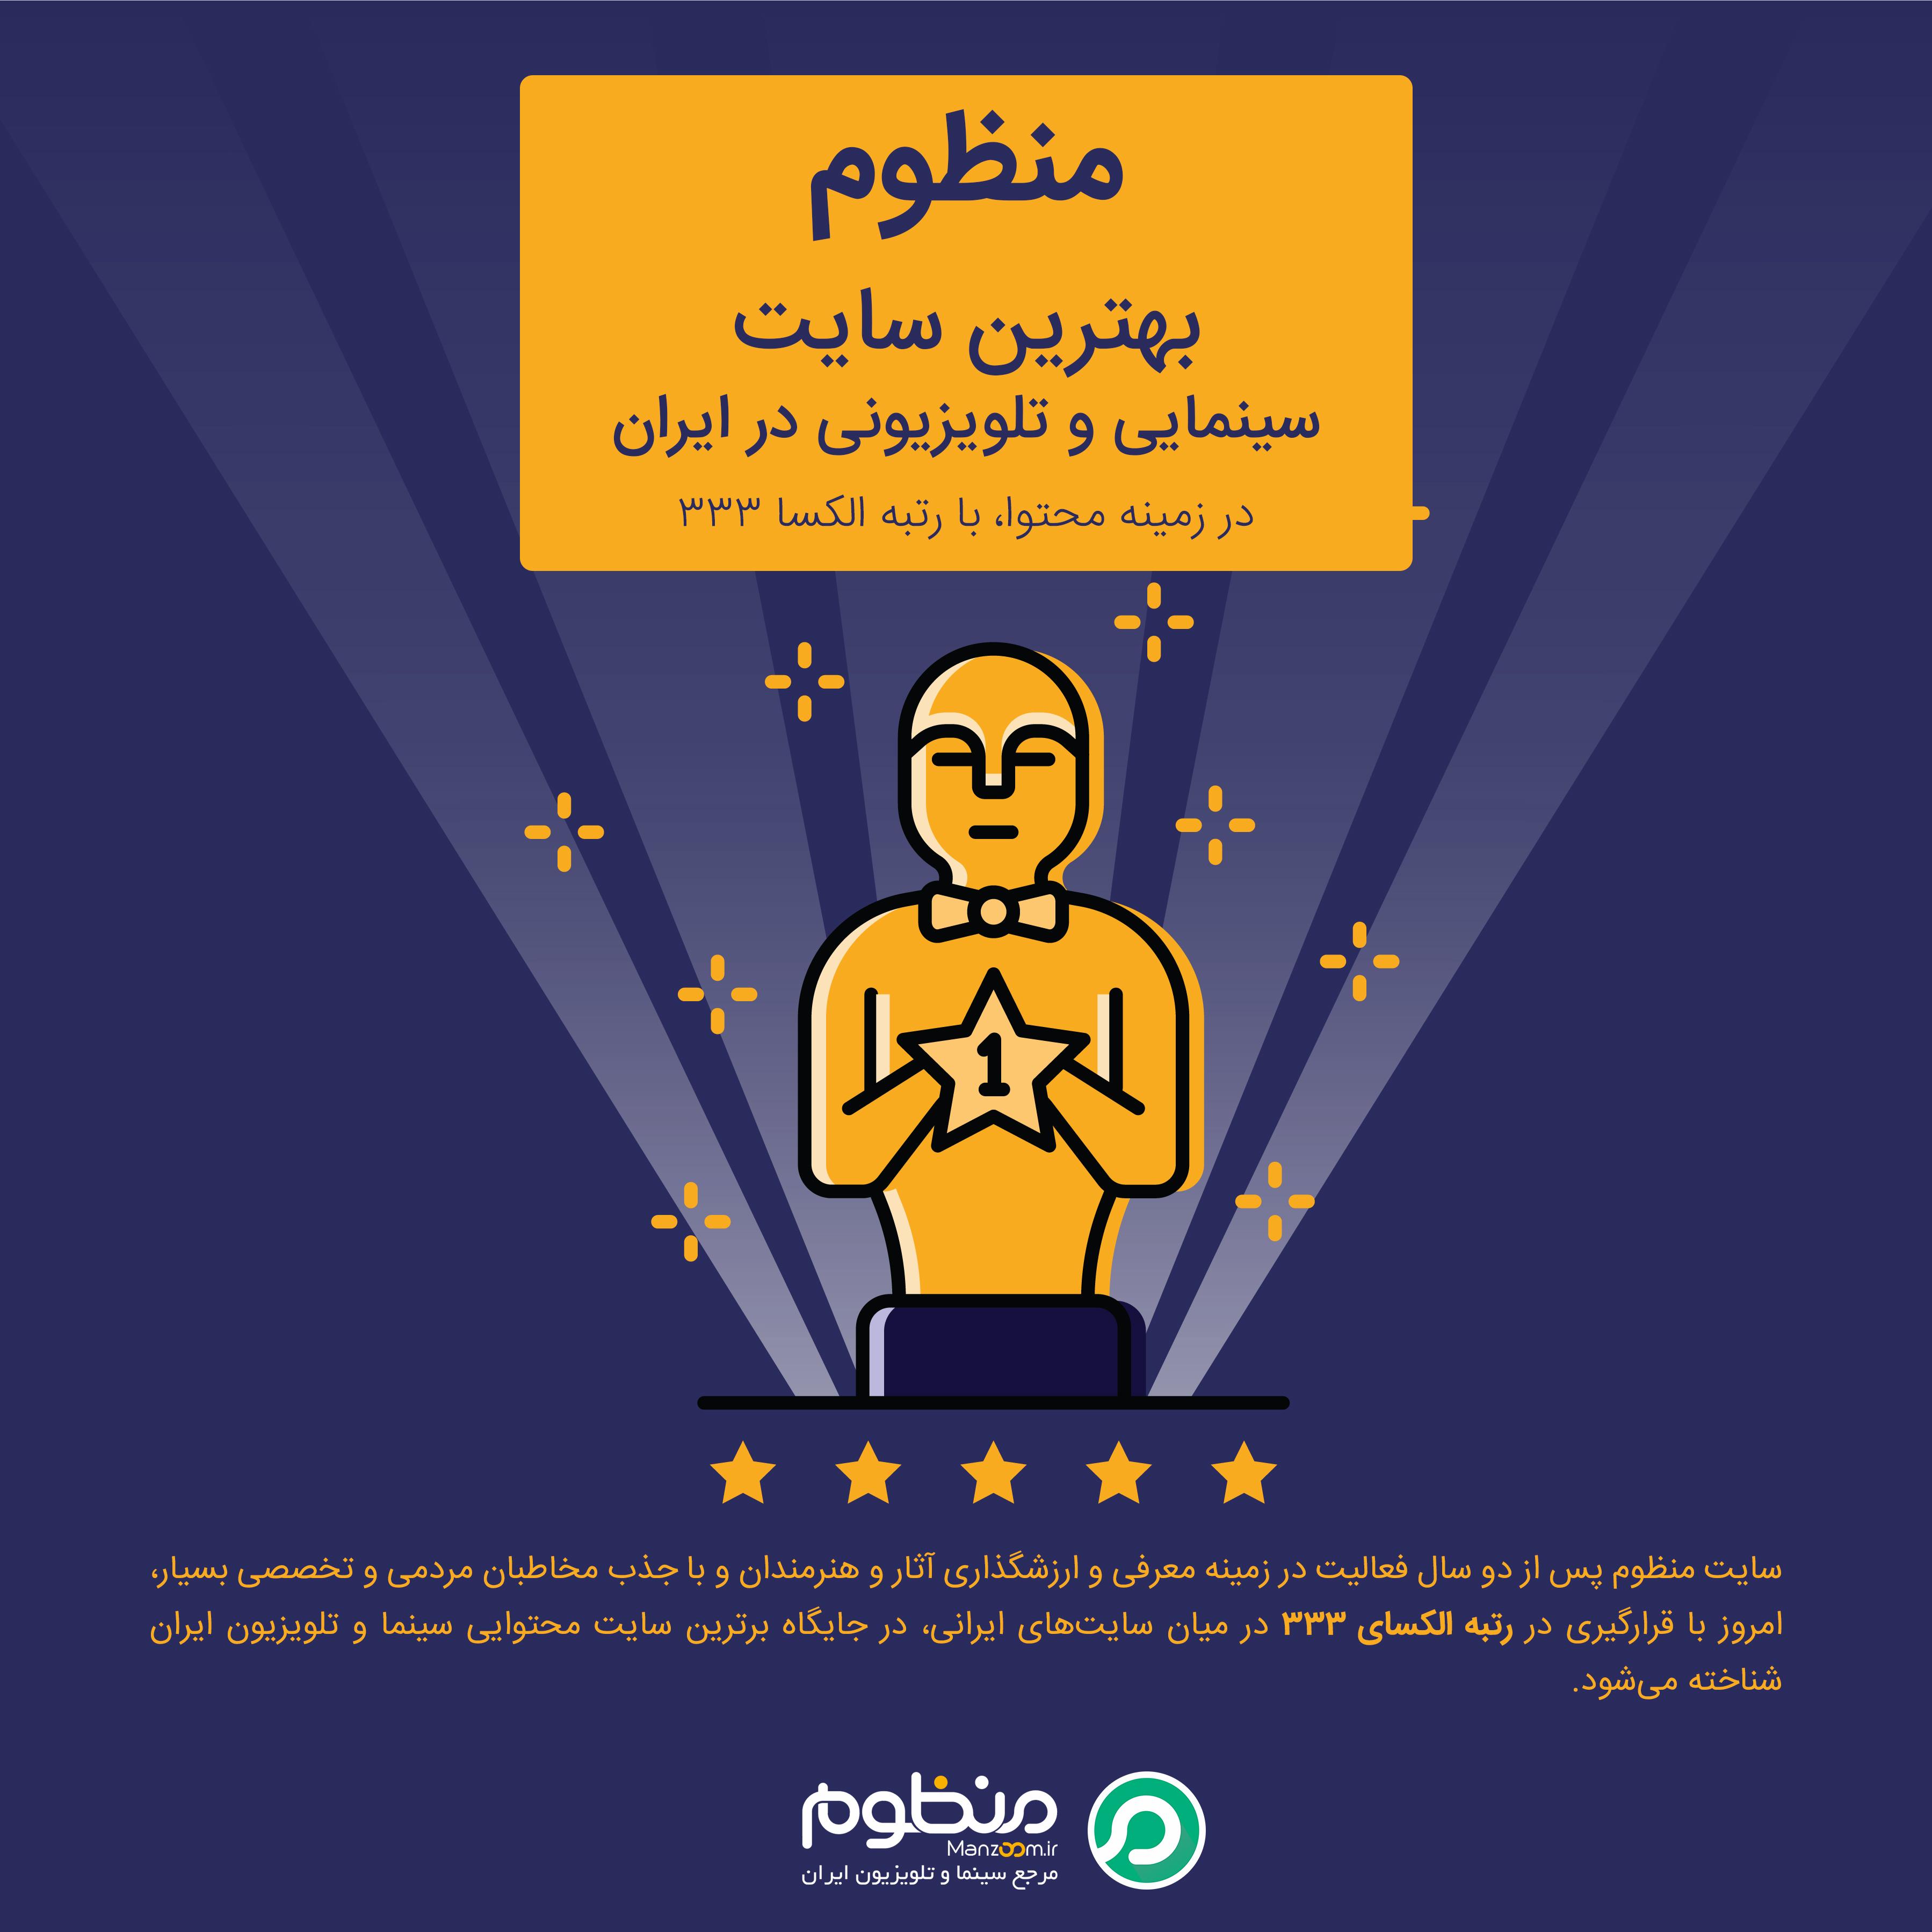 منظوم بهترین سایت و مرجع سینما و تلویزیون ایران